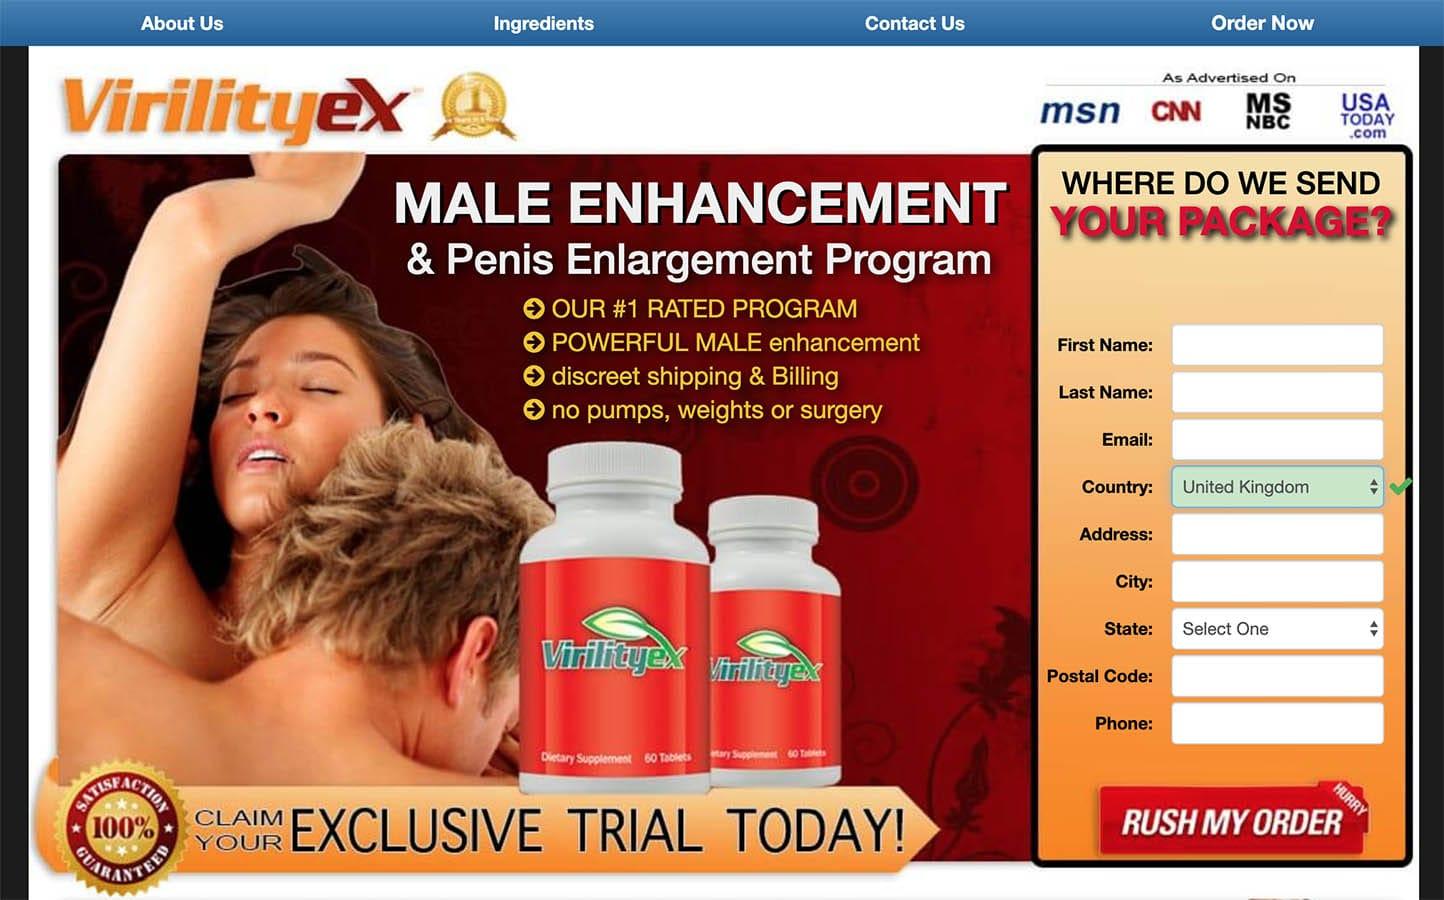 virility ex uk, ireland website